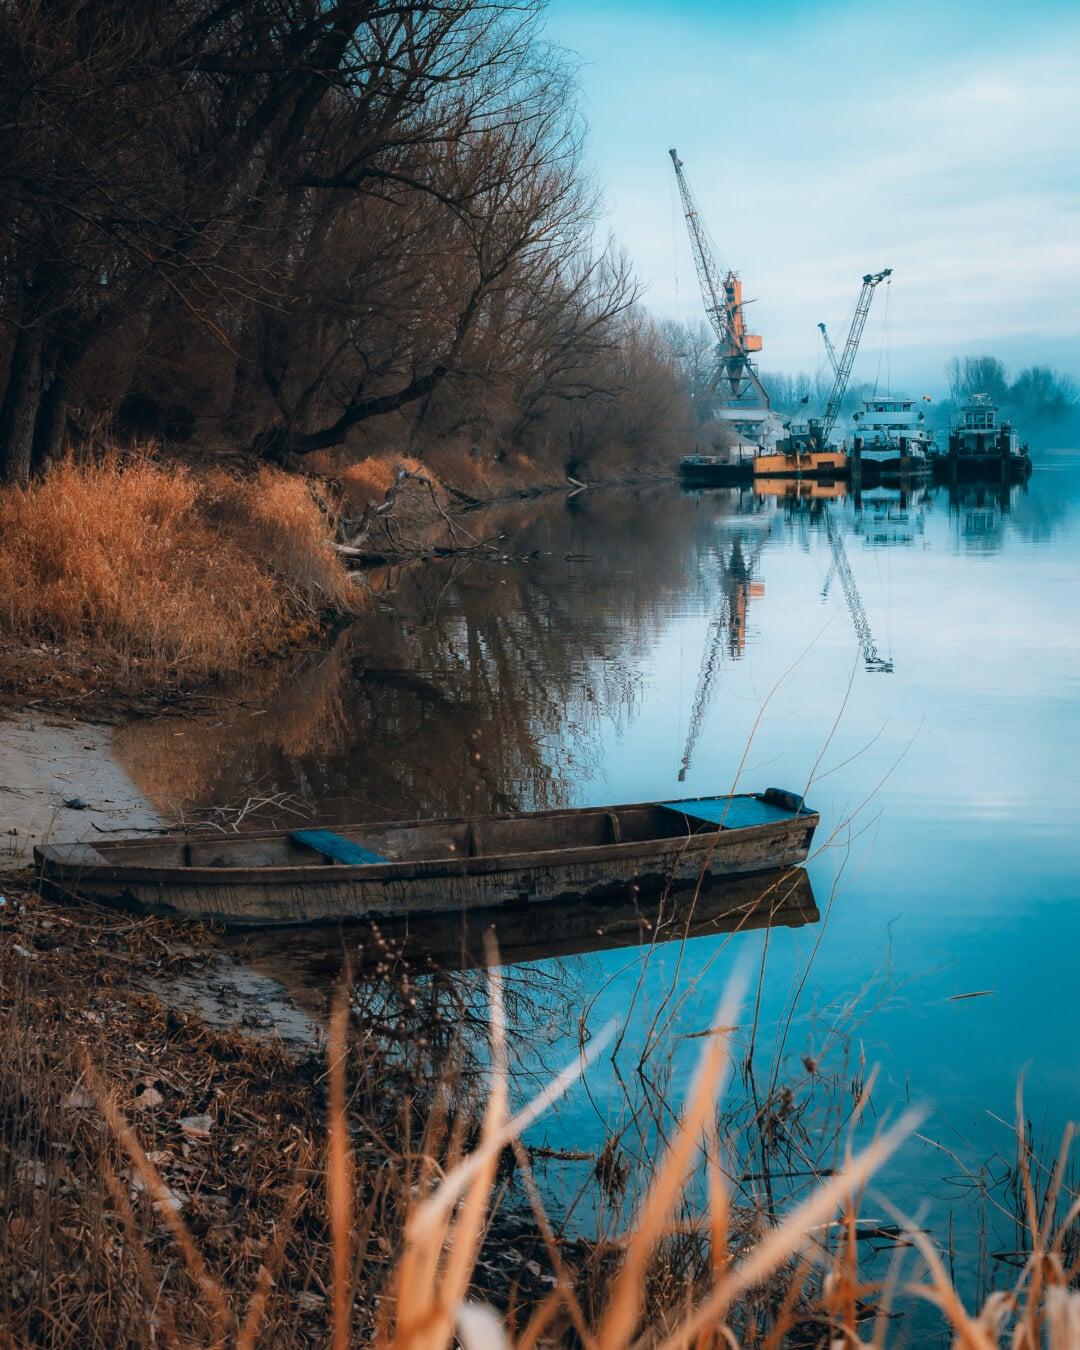 chantier naval, secteur d'activité, navire, expédition, saison de l'automne, berge, rivière, paysage, eau, nature